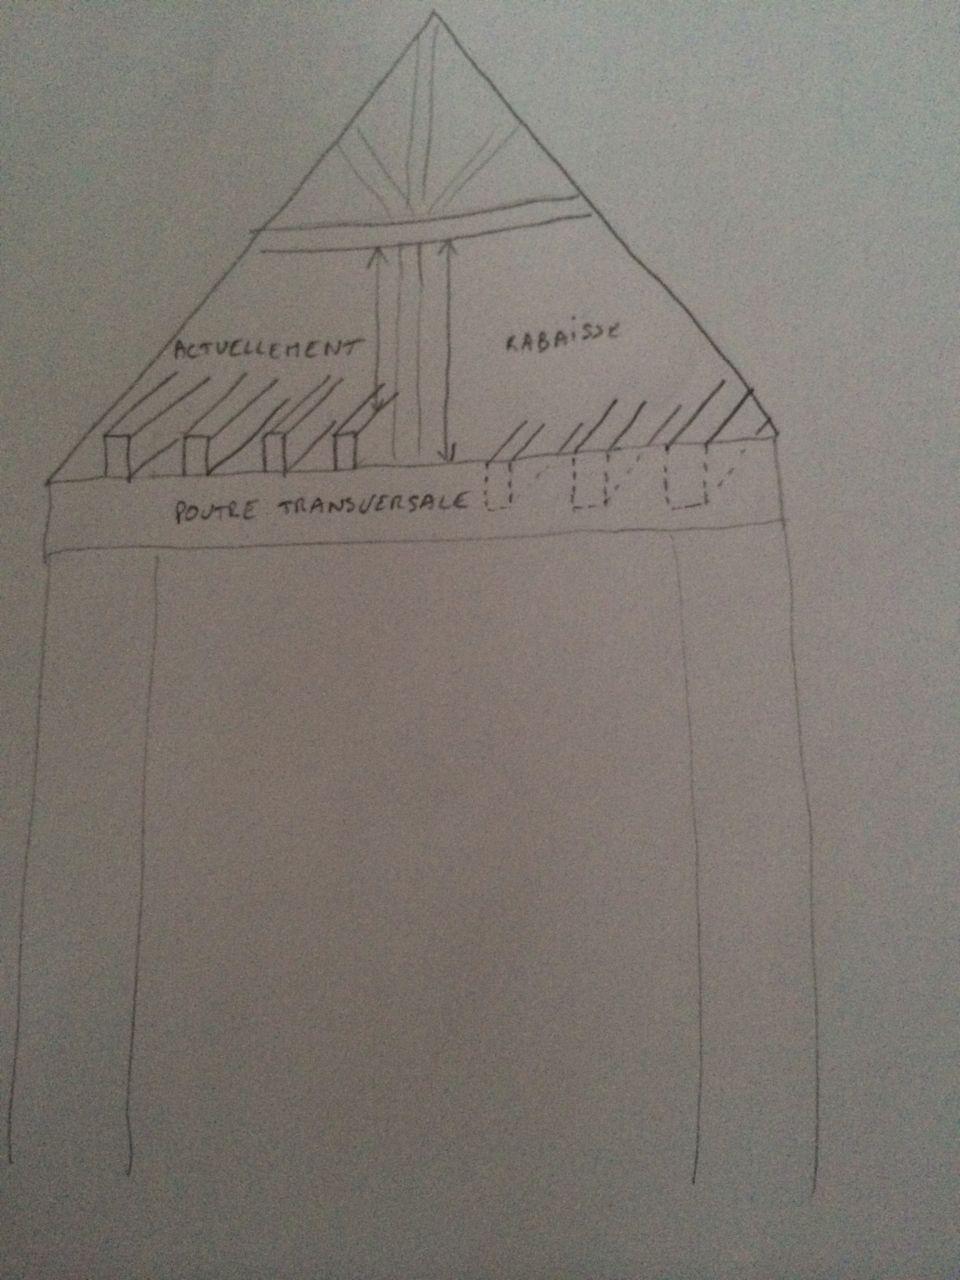 Voici le schéma pour rabaisser les poutres, il faut que je fixe des sabots sur les poutres transversales pour pouvoir y mettre les solives de 8x20... J'espère qu'avec ce schéma, c'est un peu plus clair.